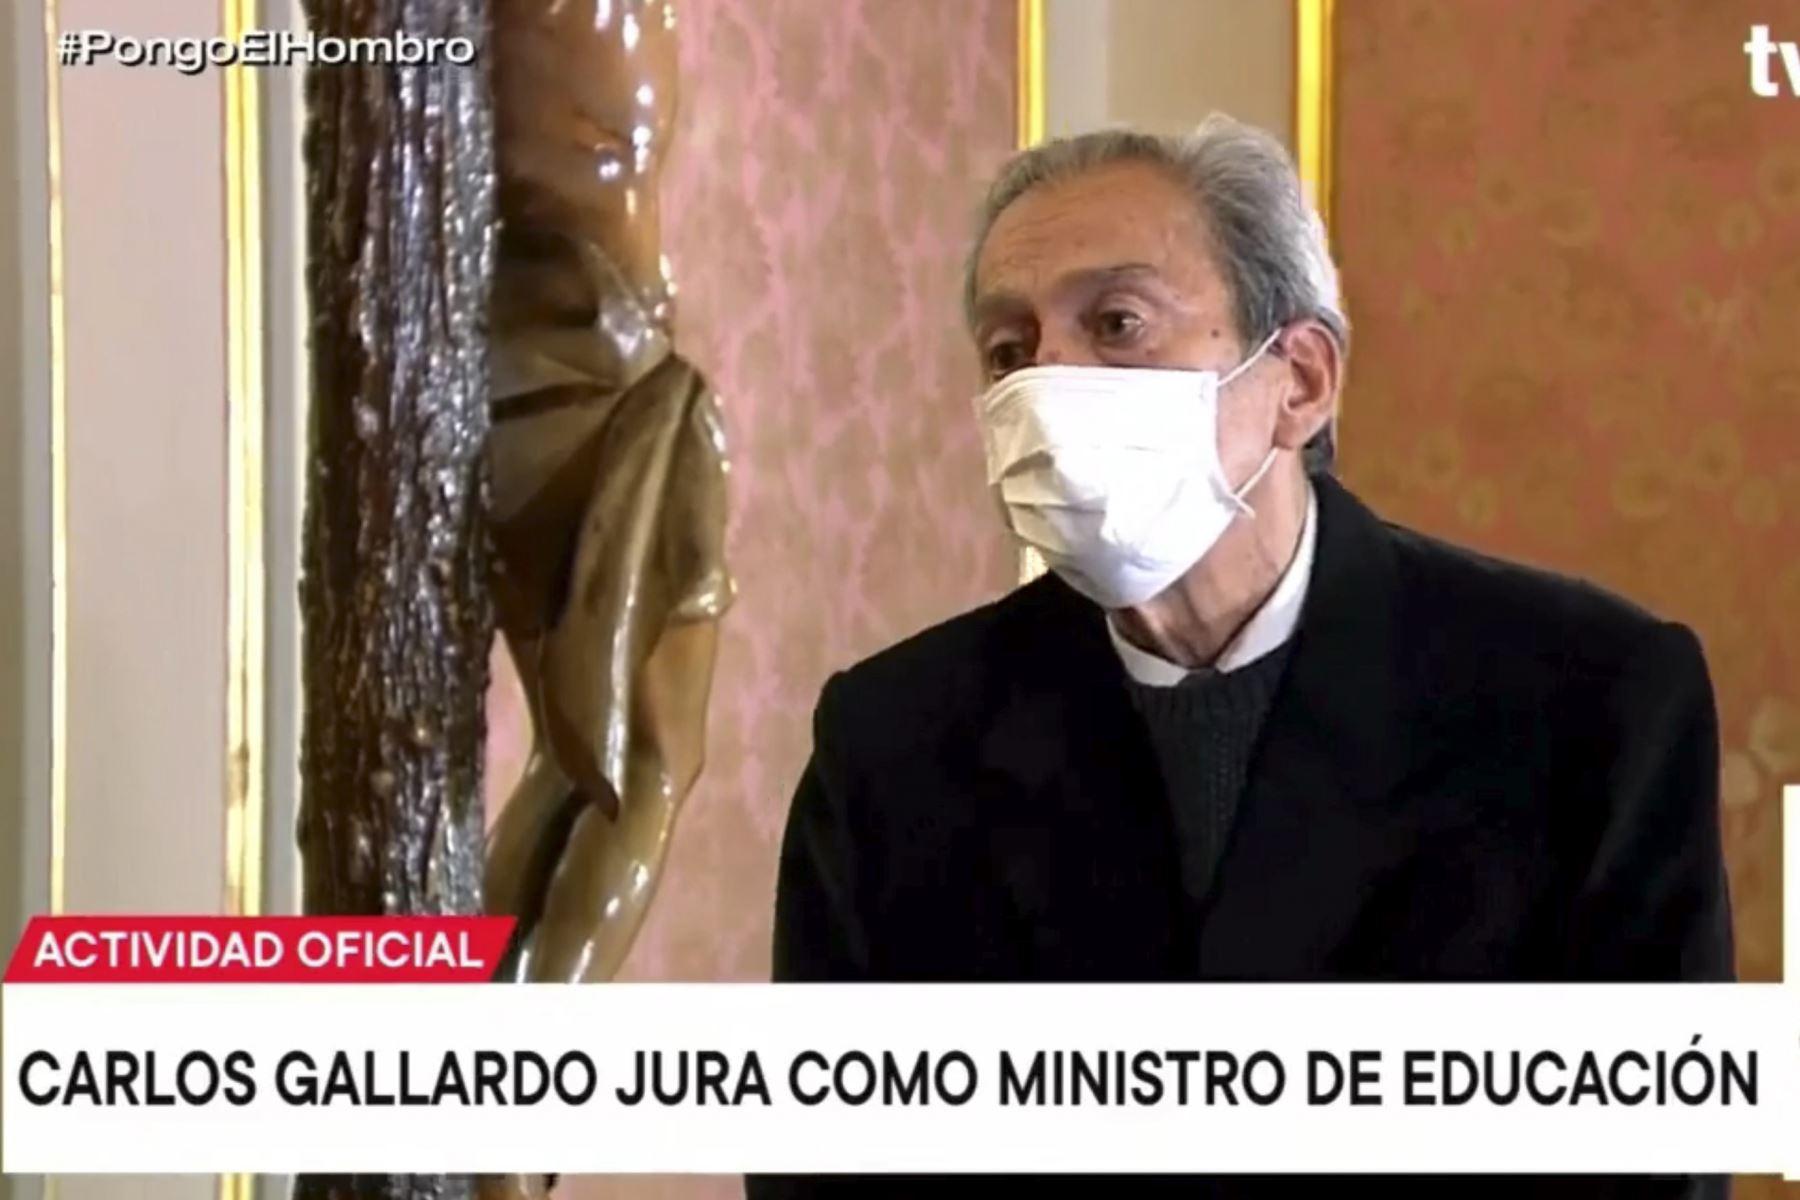 Carlos Alfonso Gallardo Gómez juró como ministro de Educación